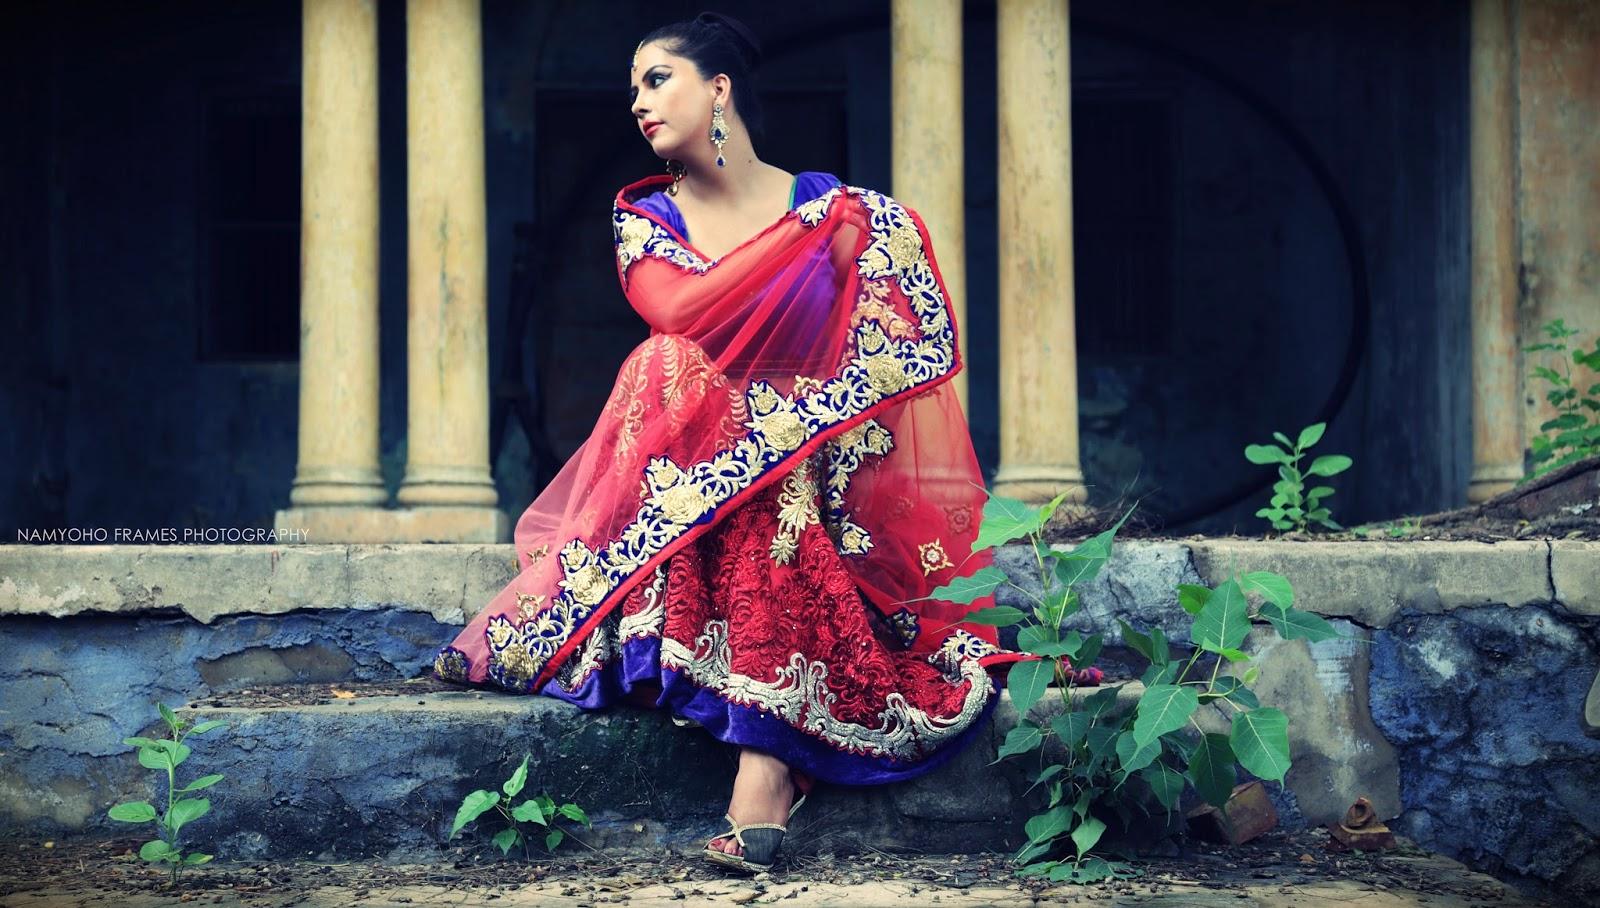 Delhi Model Pooja Bagga